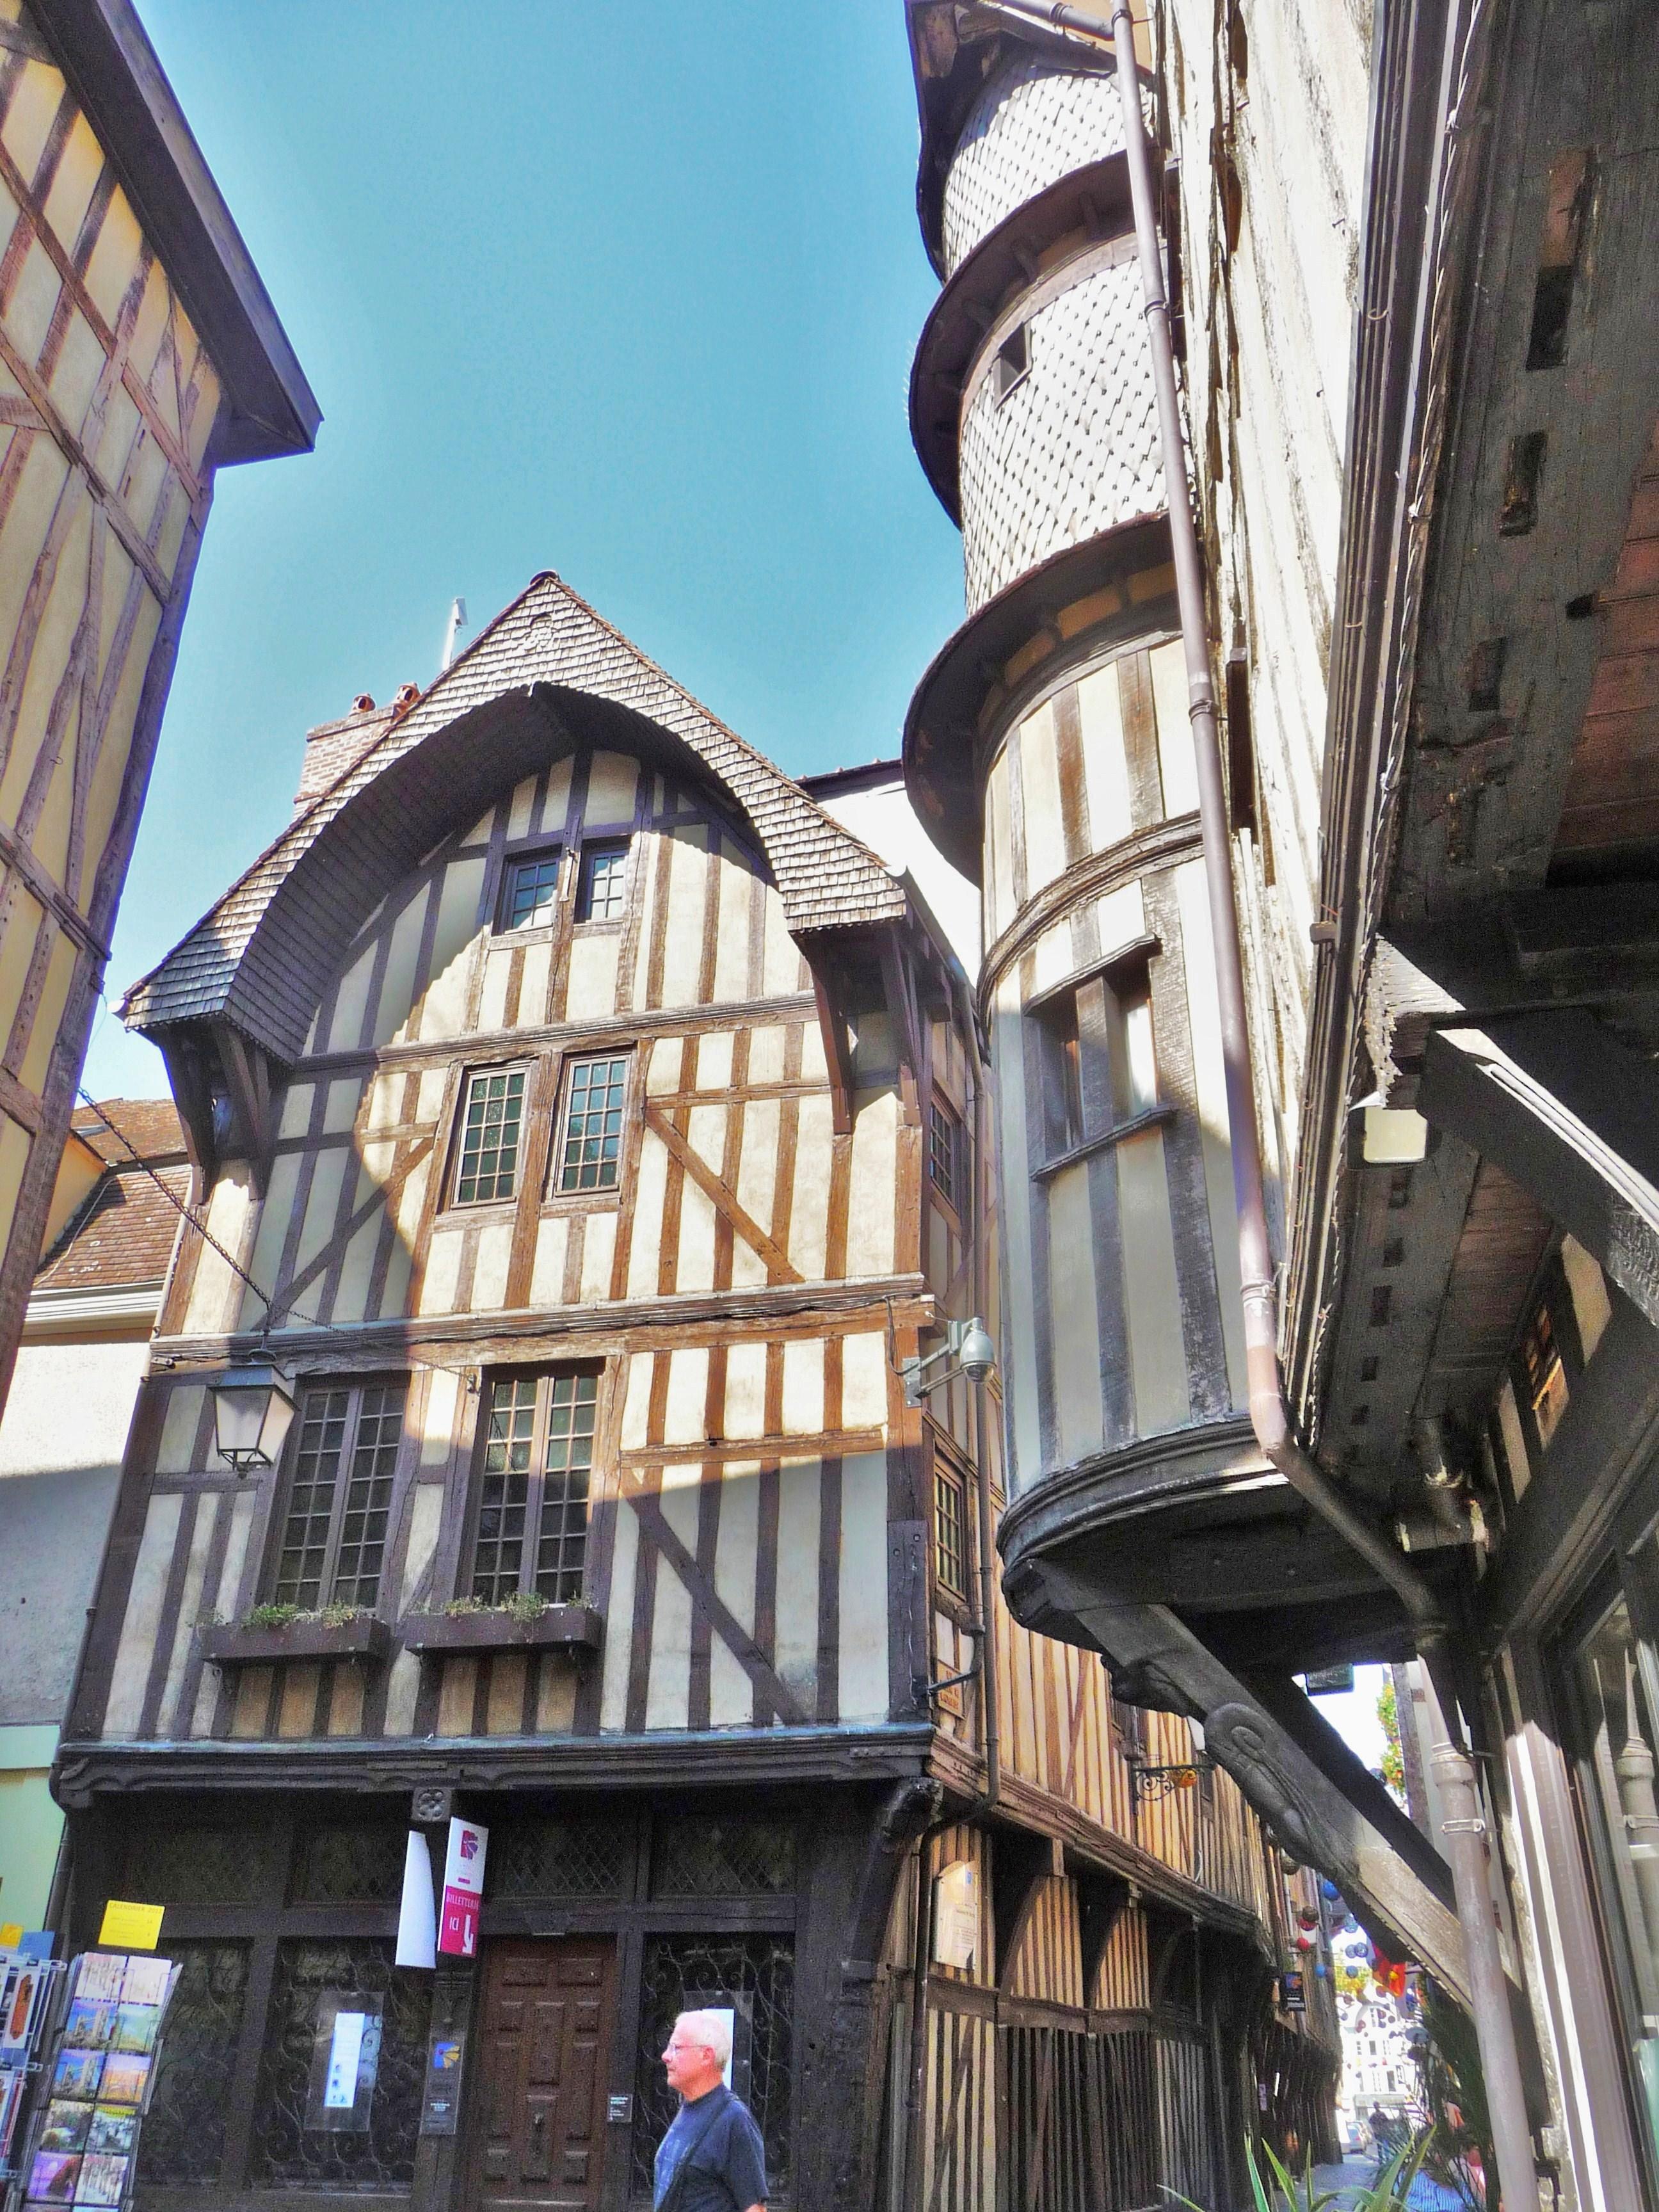 Fichier:Troyes La Maison du Boulanger.jpg — Wikipédia